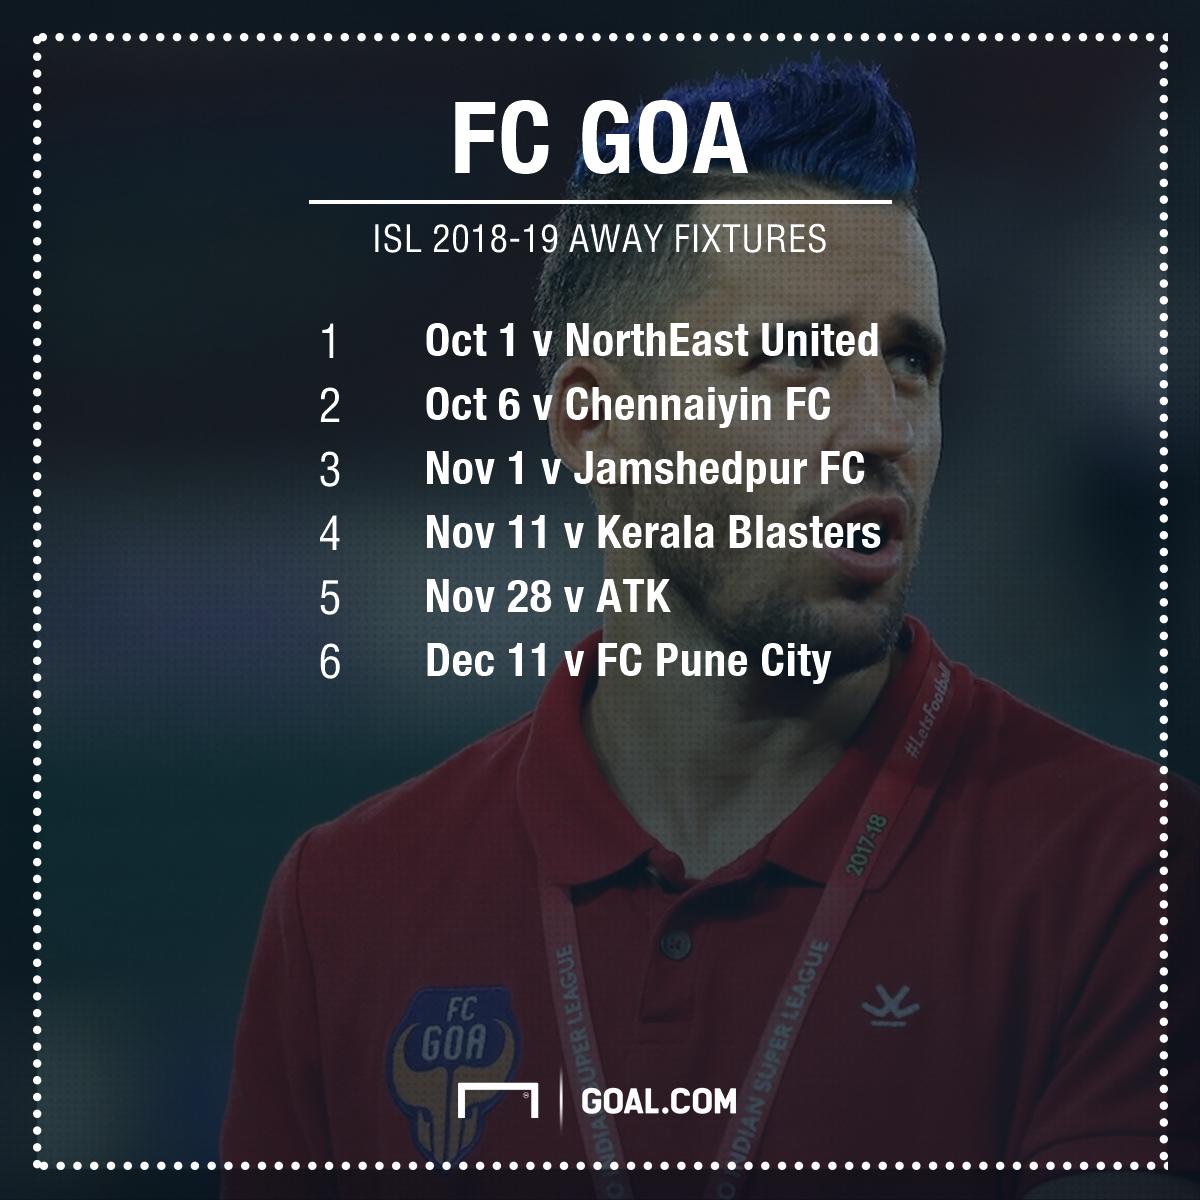 ISl 2018-19 FC Goa fixtures away